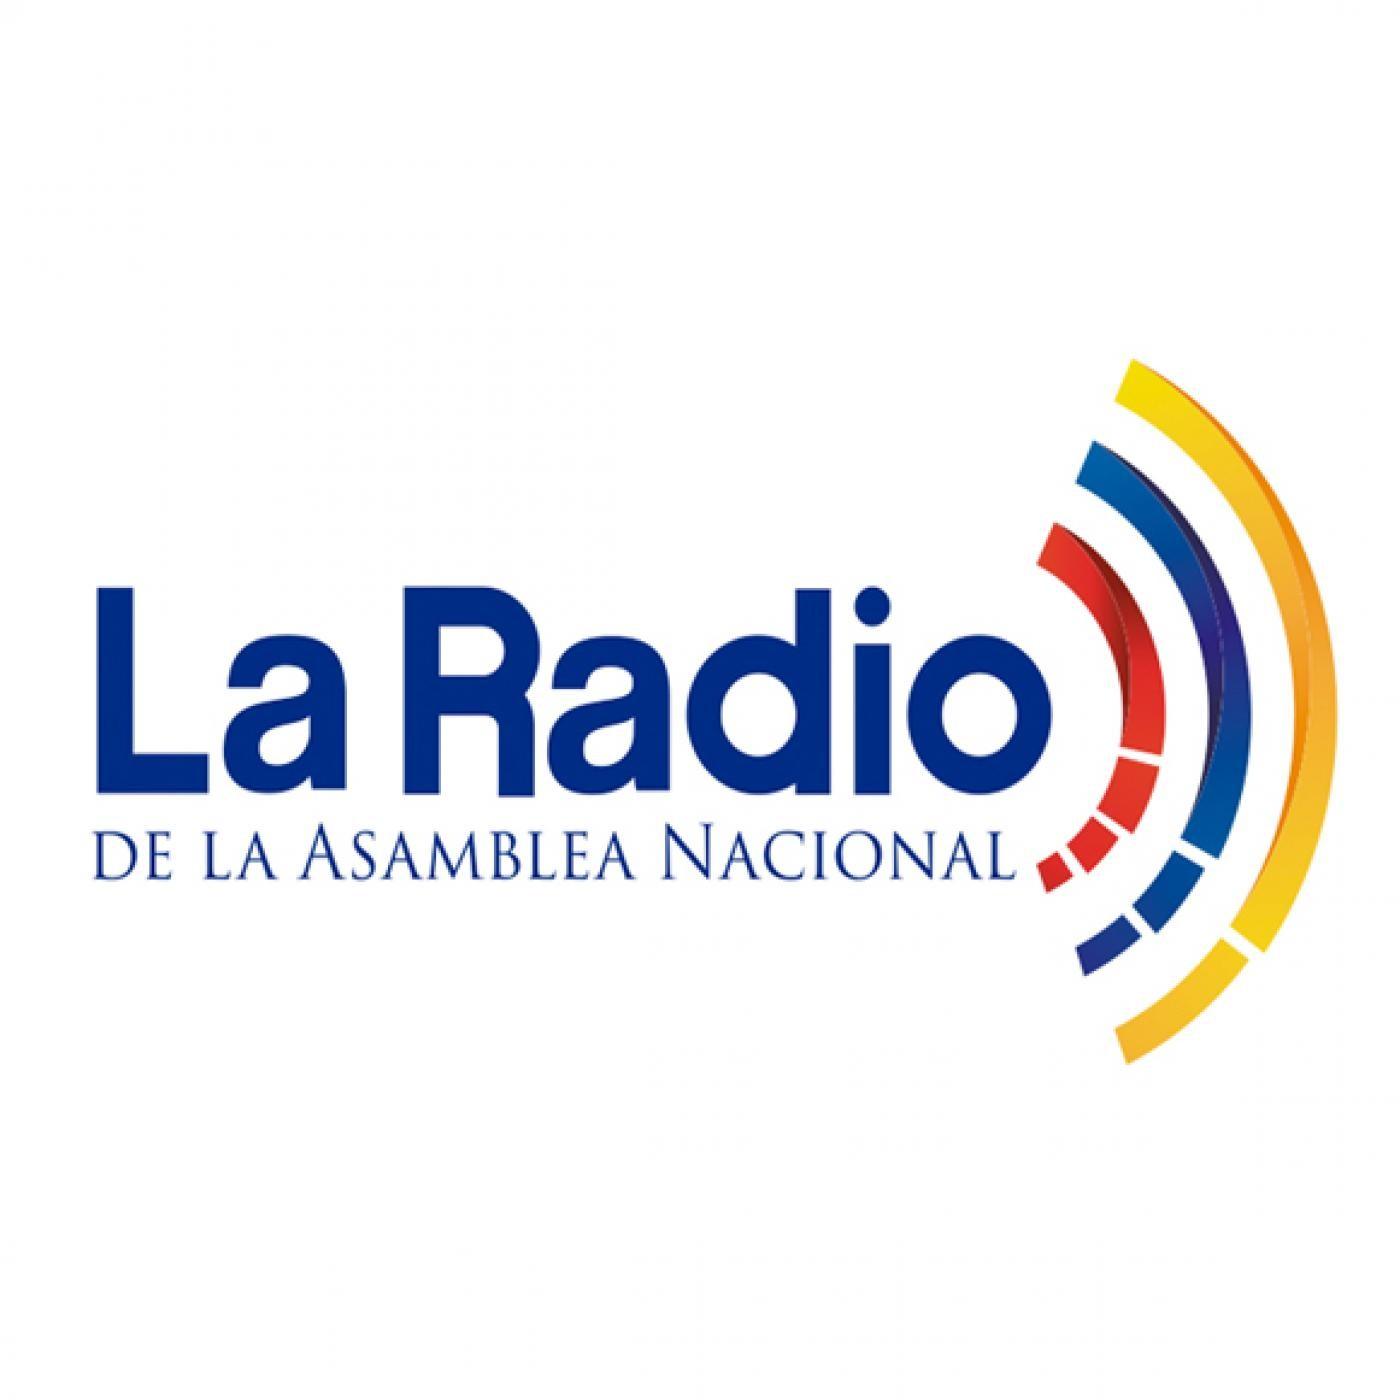 Promos Programas La Radio